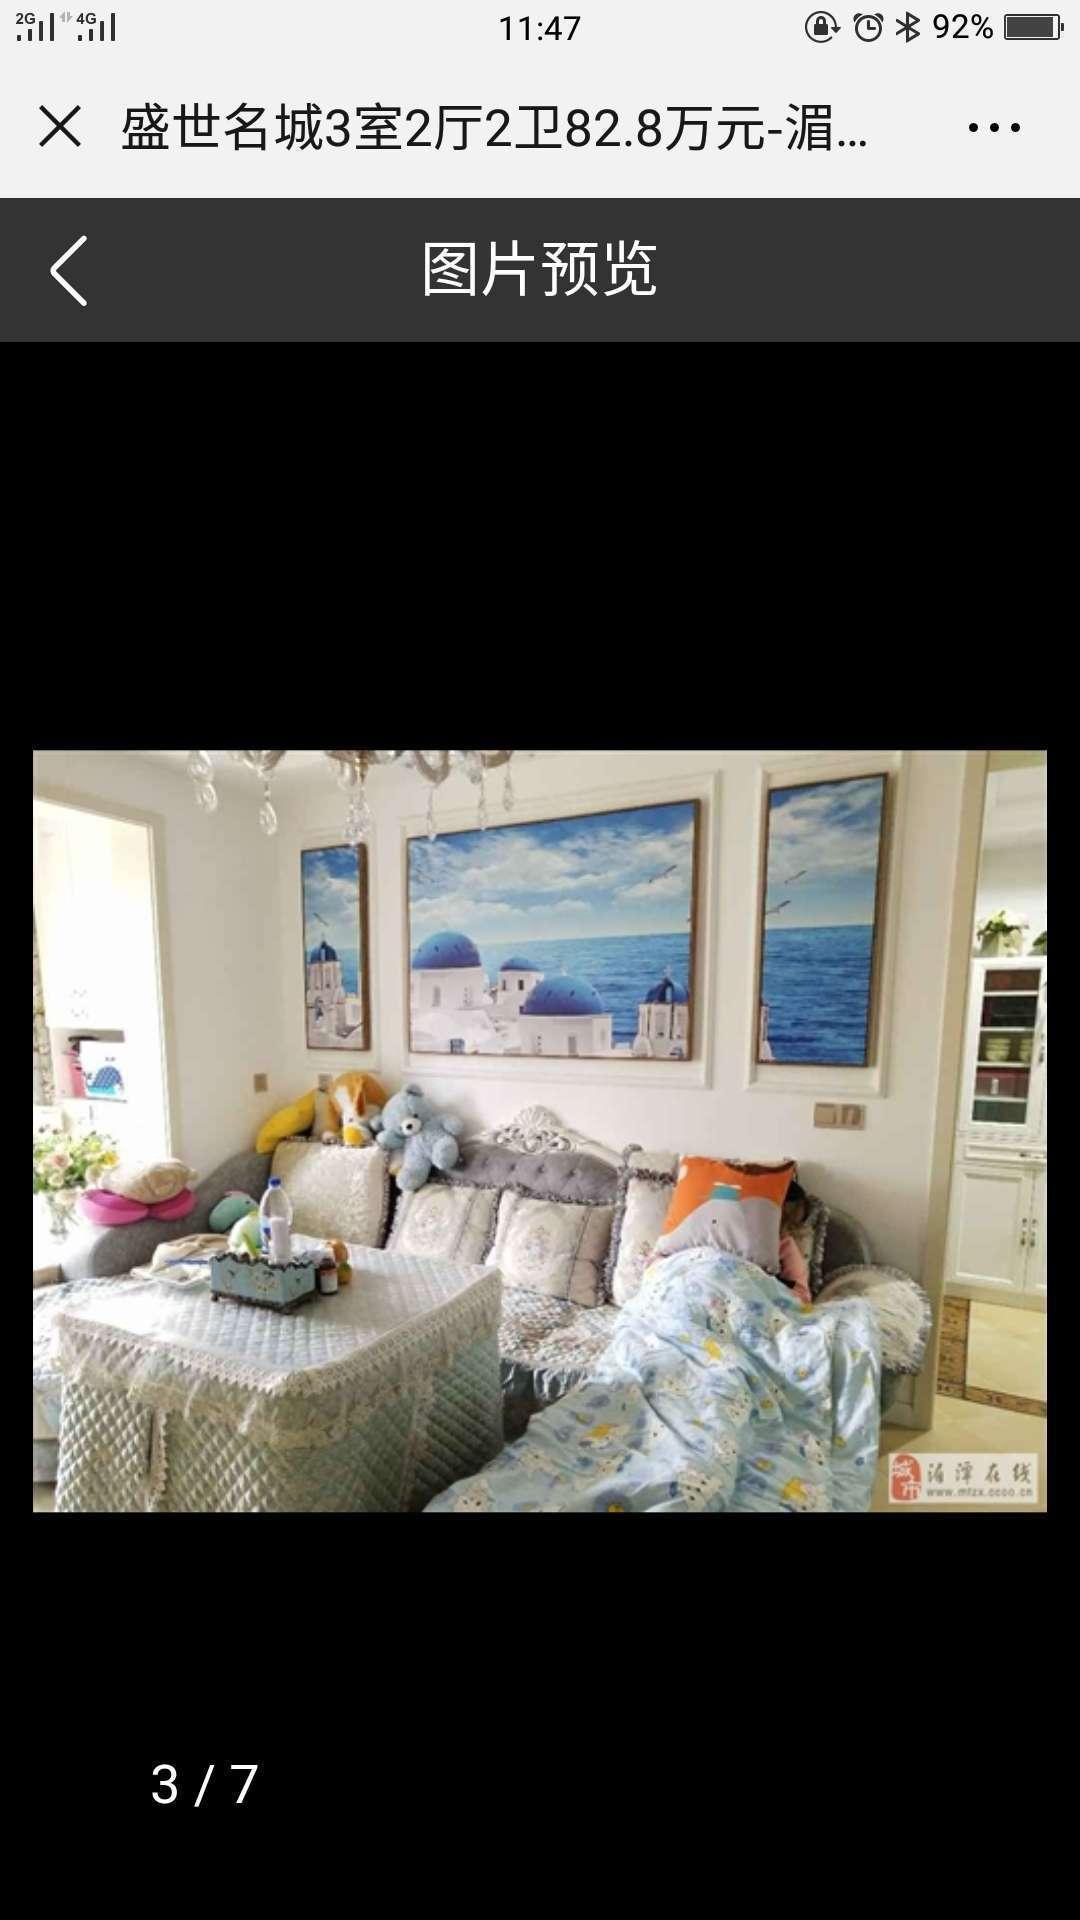 盛世名城3室 2厅 2卫82.8万元